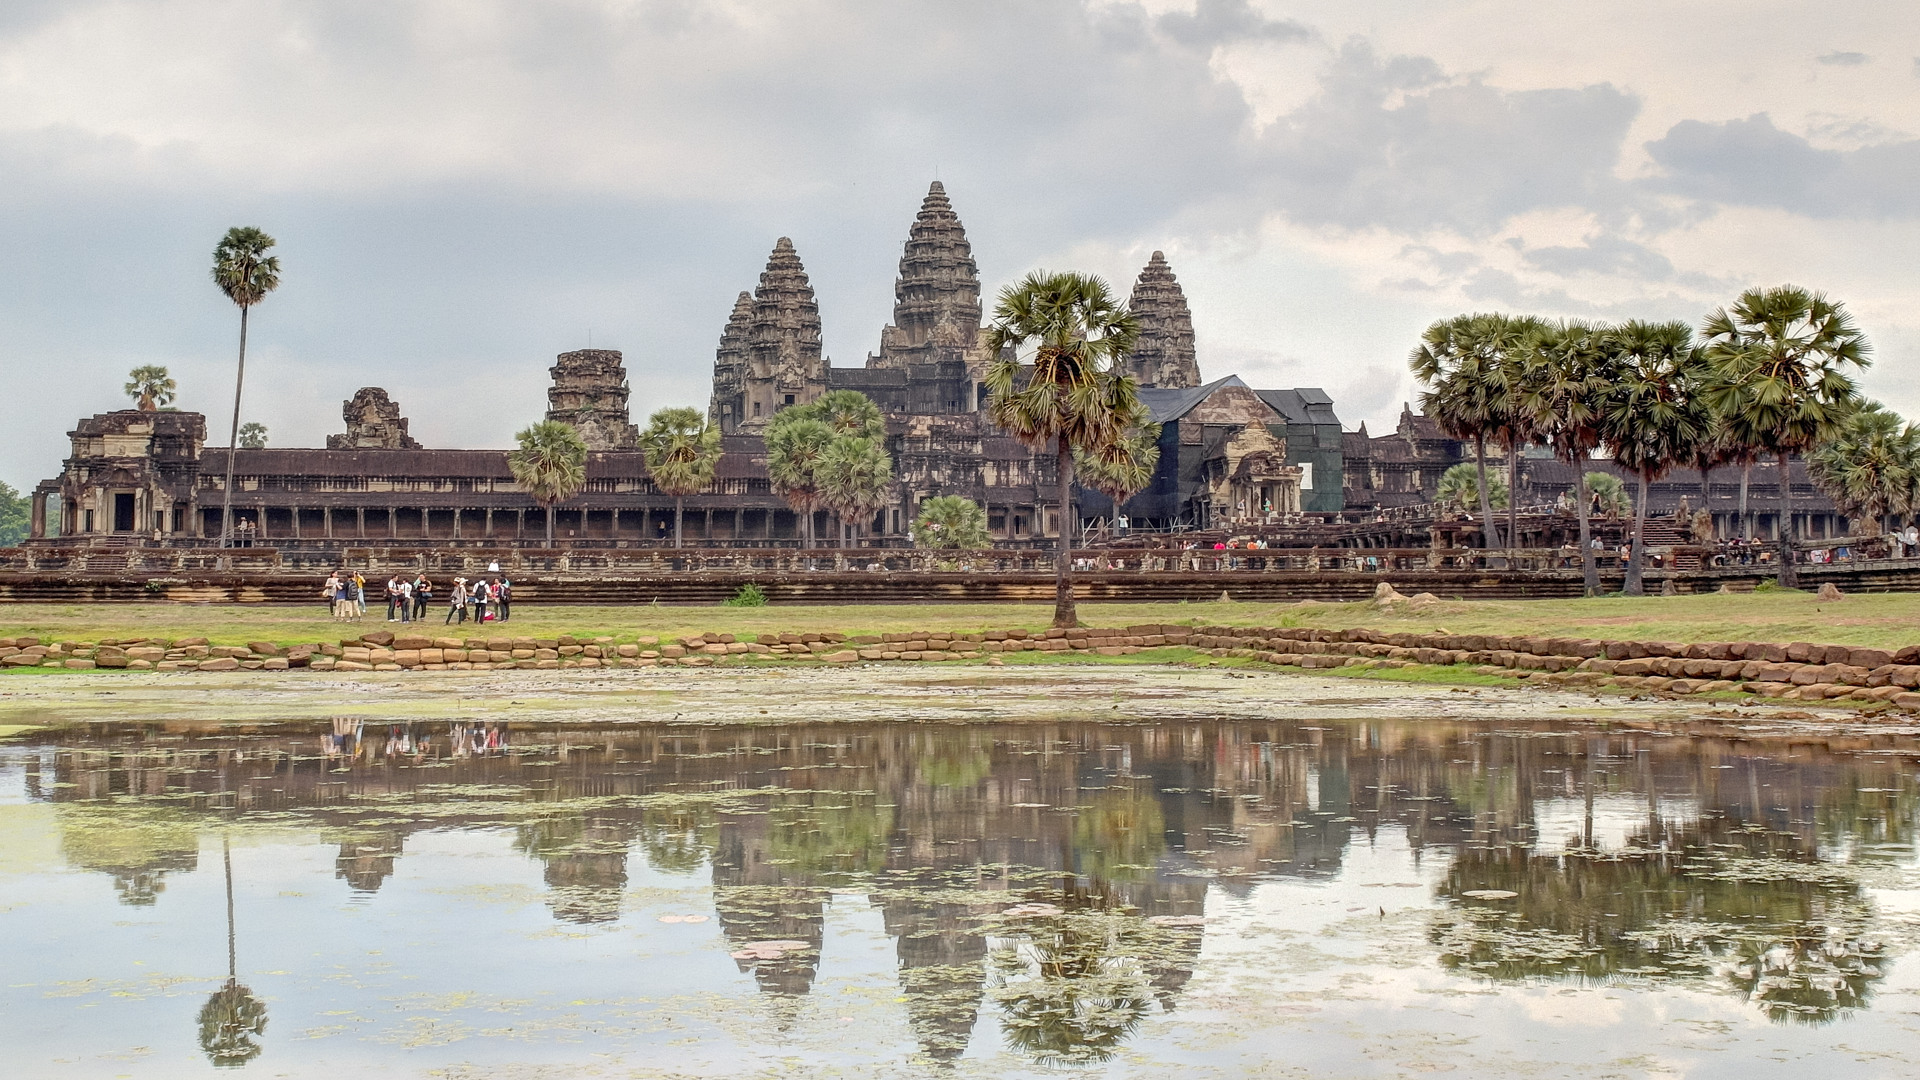 Лотосовый пруд (Lotus Pond), Ангкор Ват